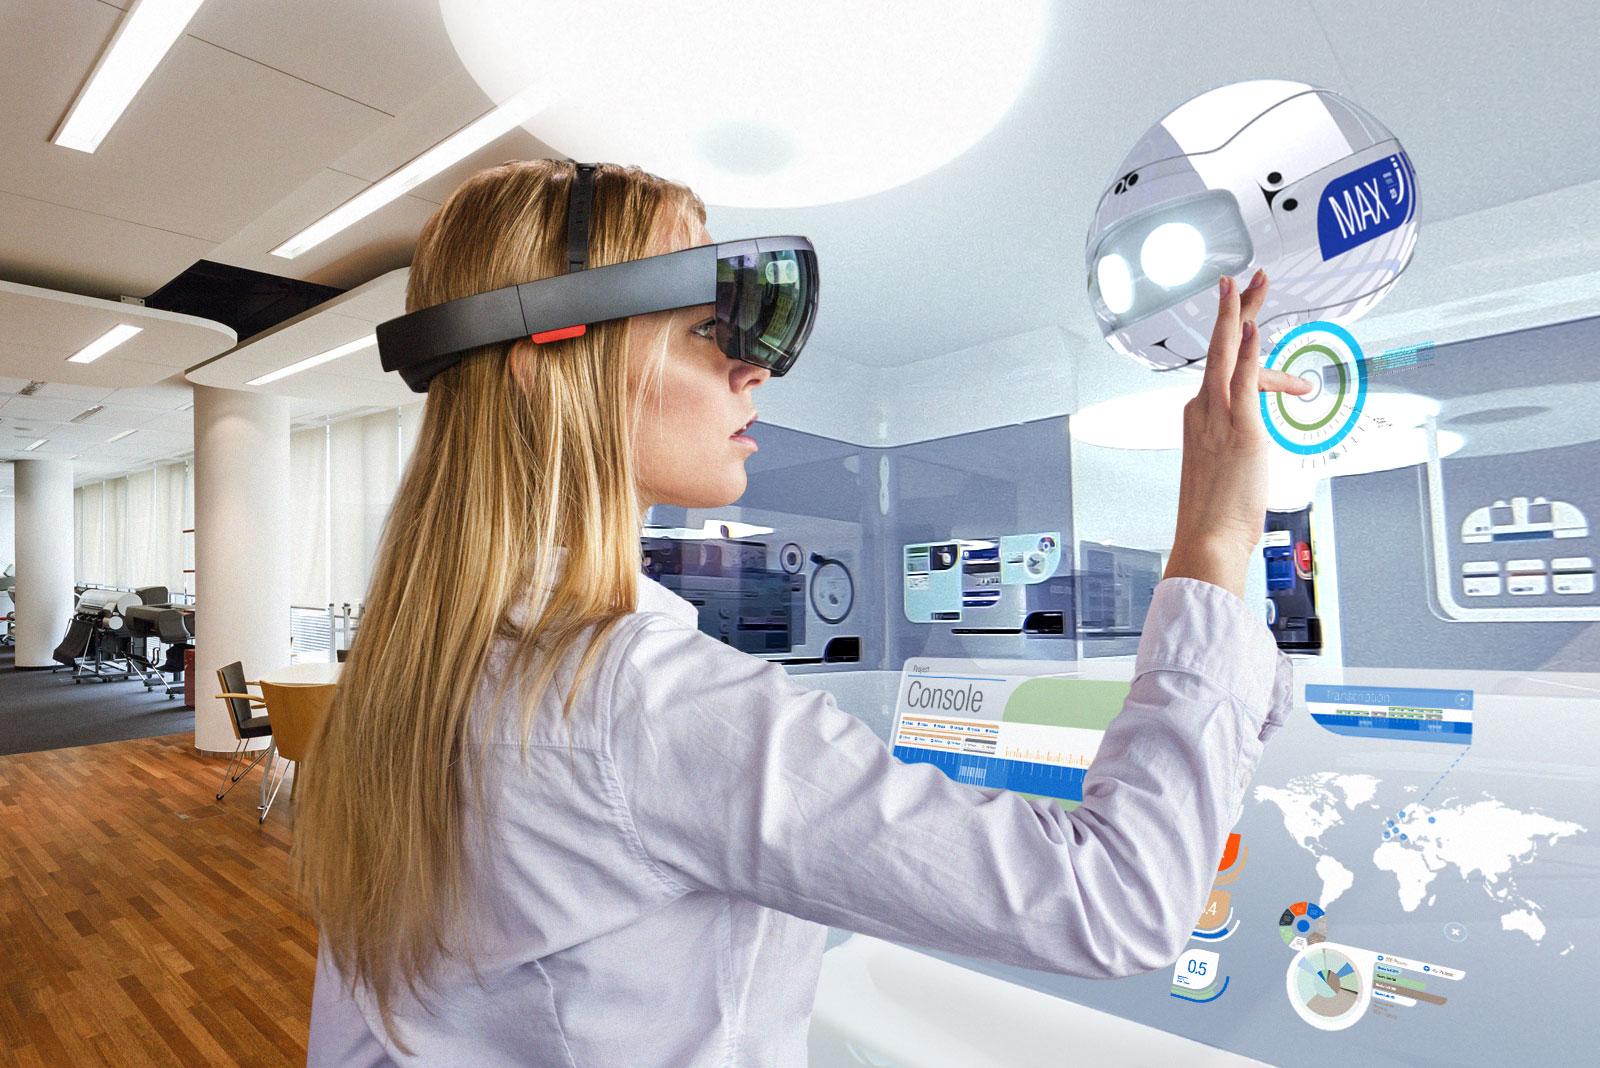 Realidad mixta: Cómo los mundos real y virtual están fusionándose